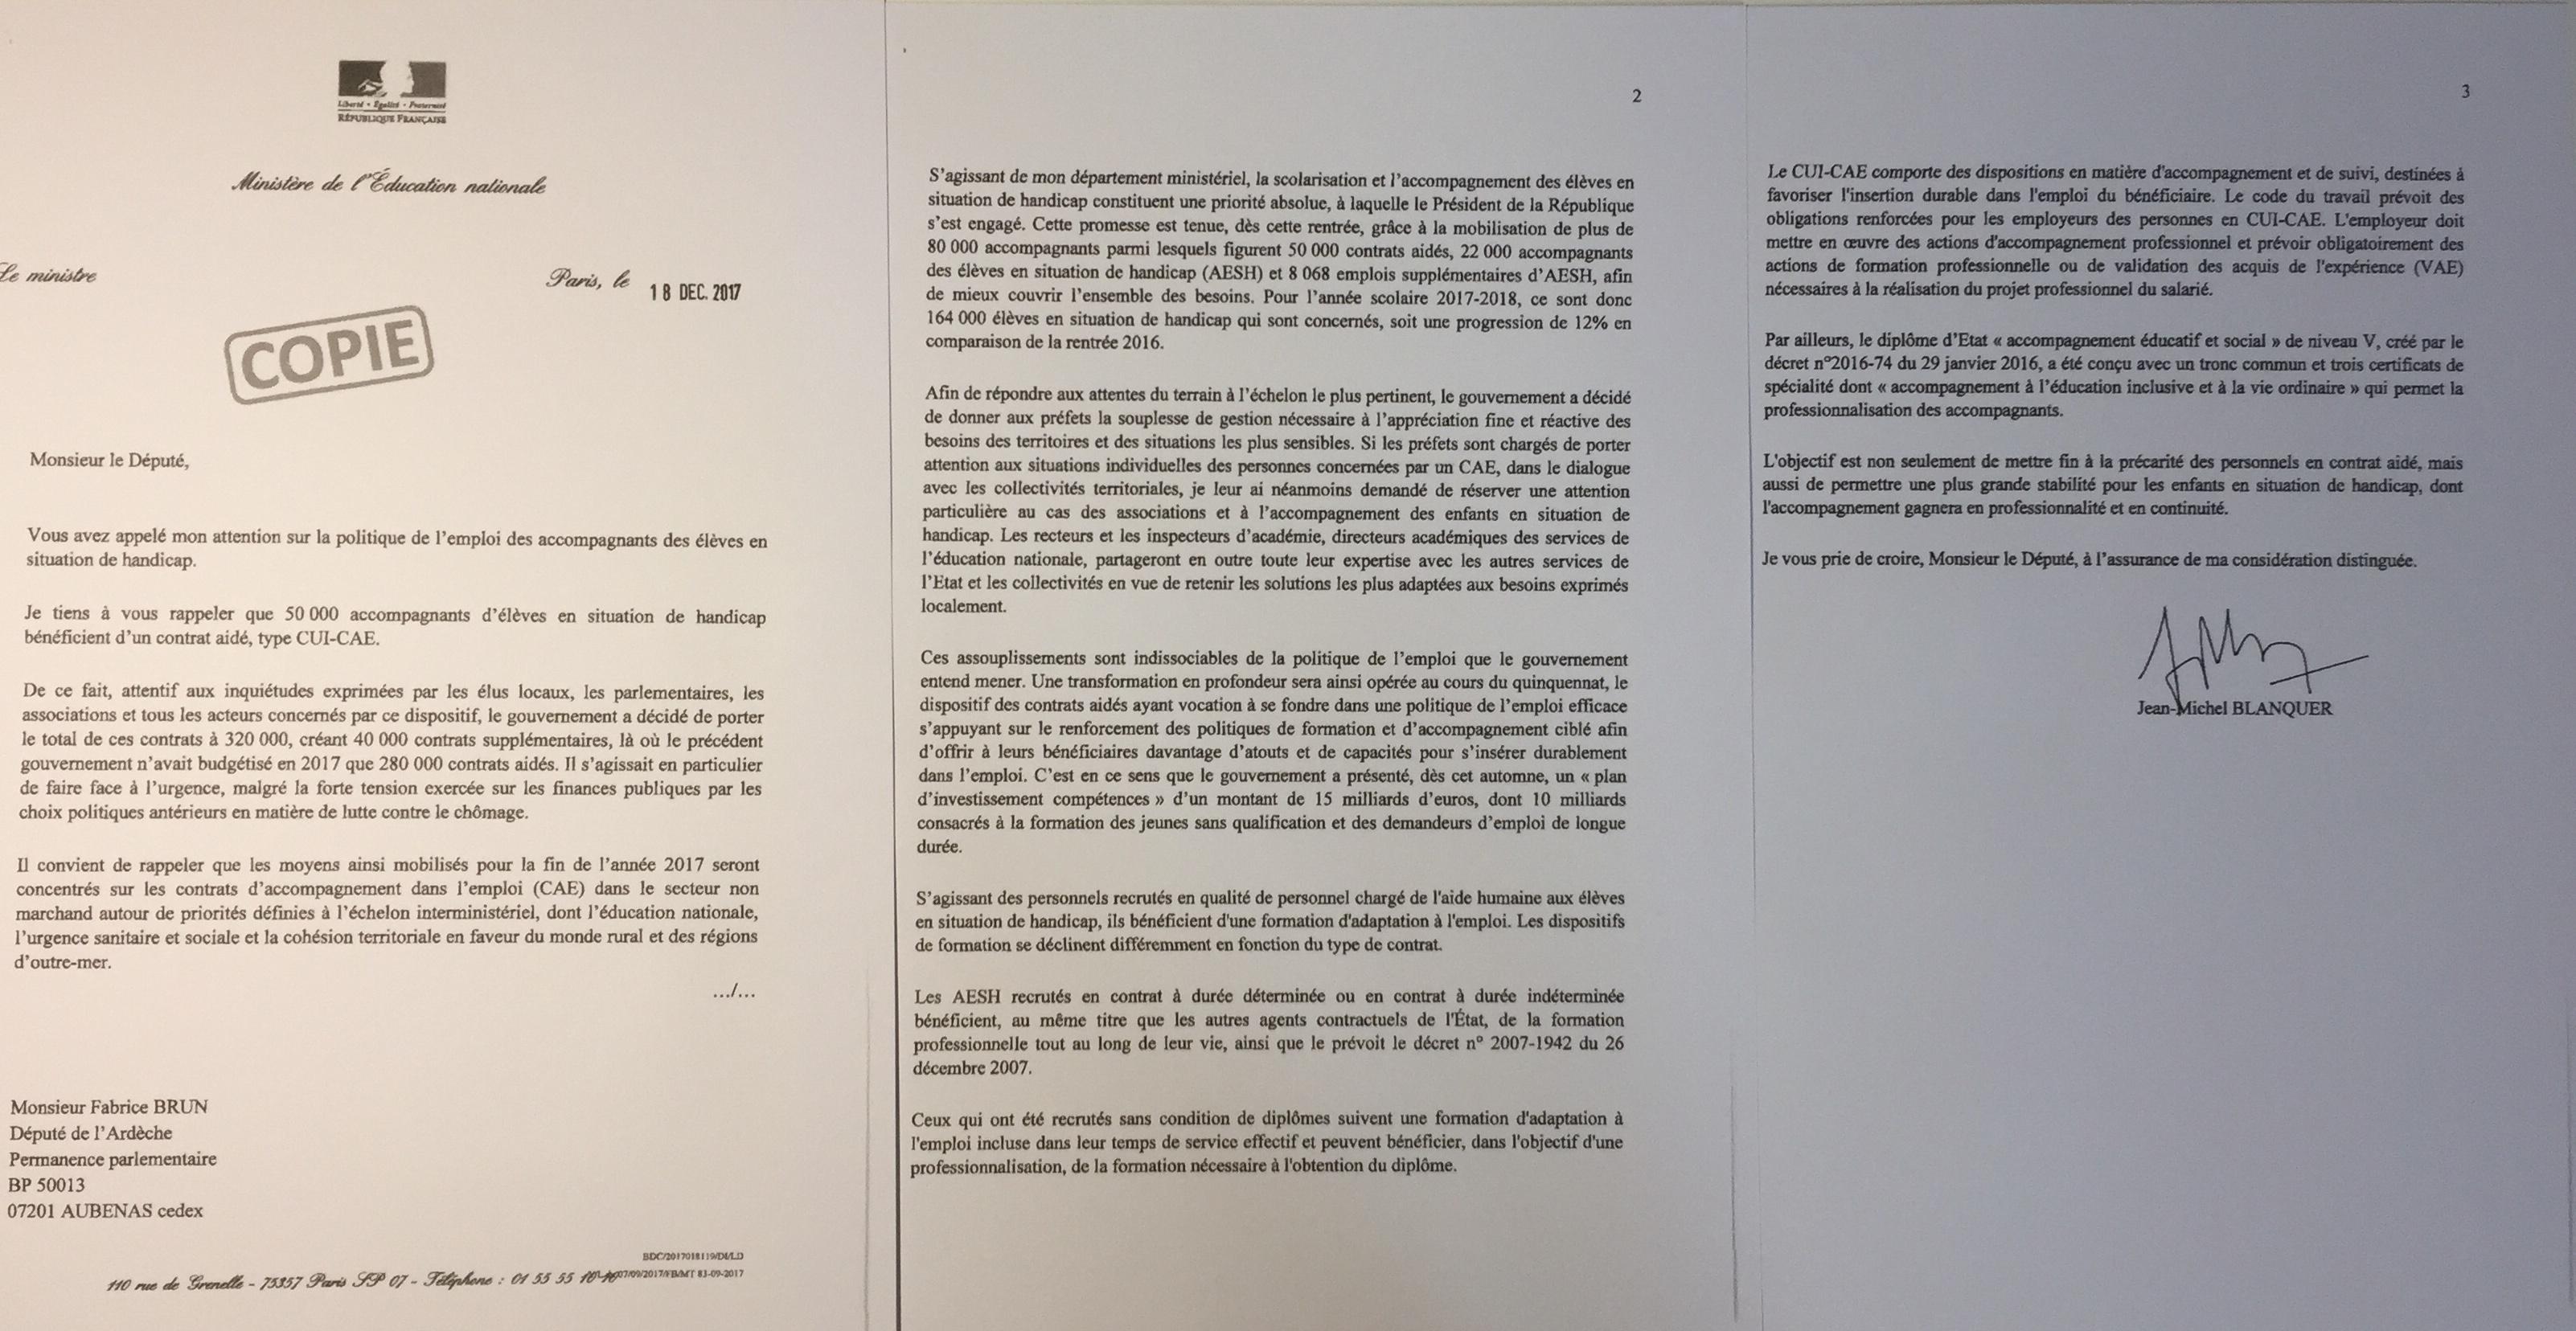 Contrat aidés des accompagnants des élèves en handicap : Jean-Michel Blanquer répond à Fabrice Brun